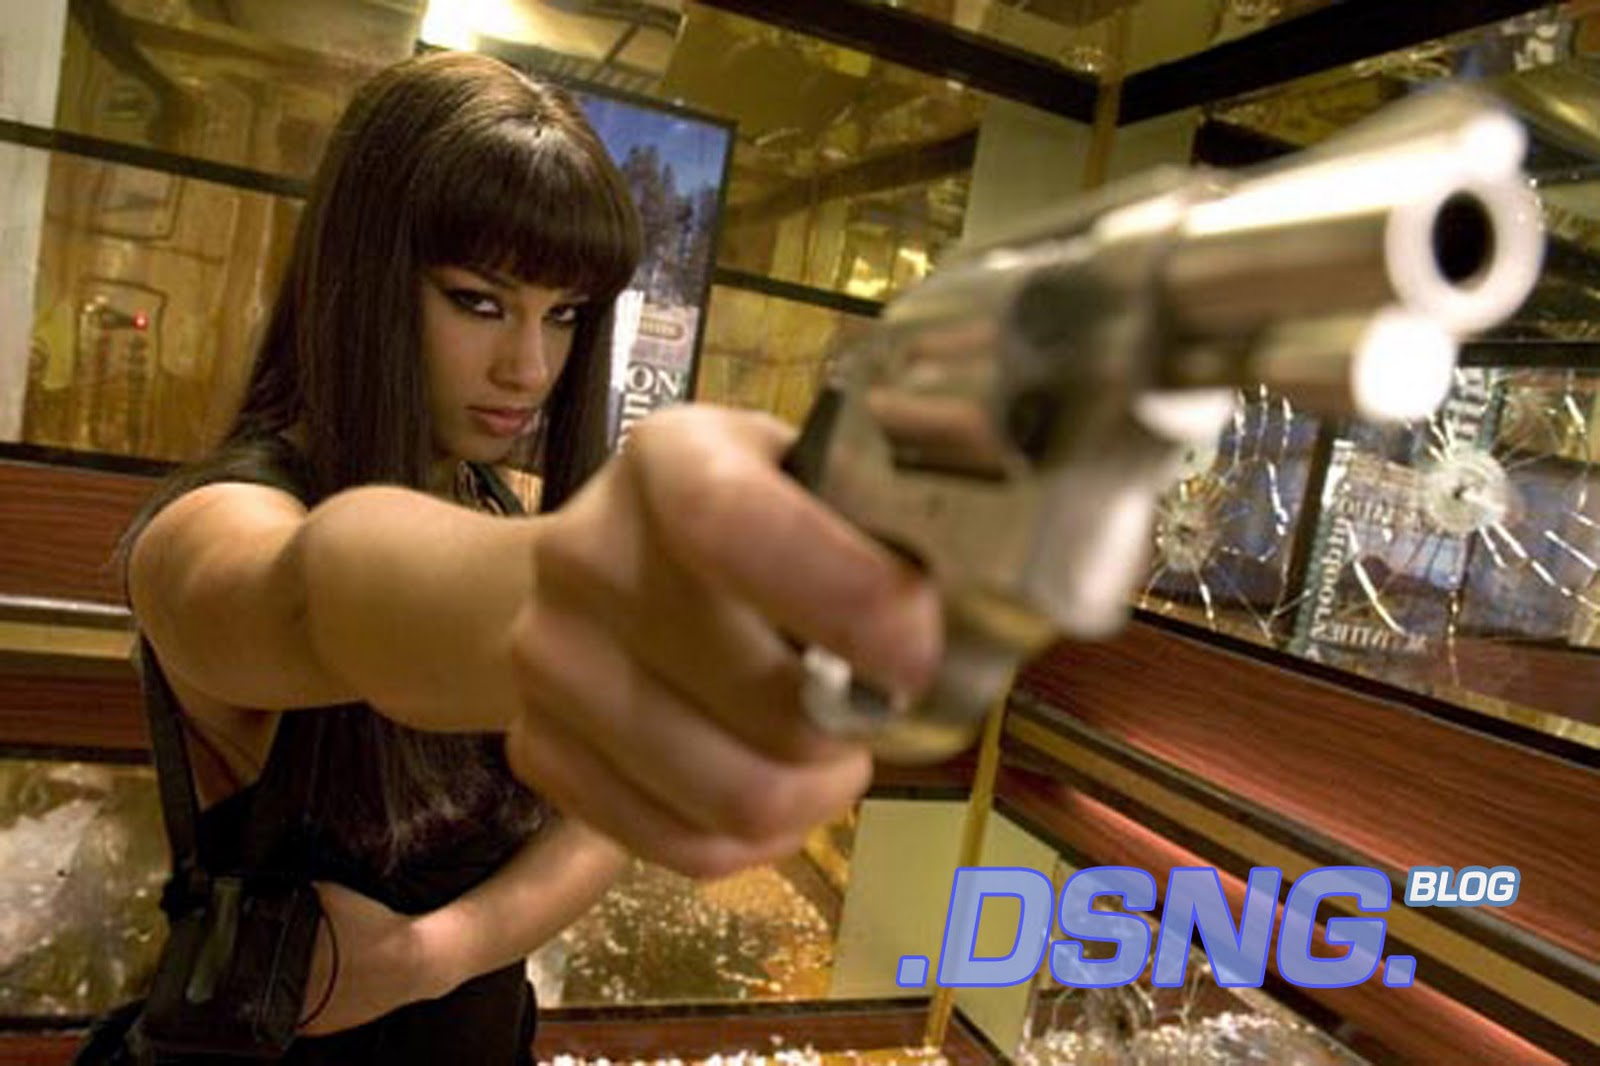 http://2.bp.blogspot.com/-EMRk6rmM__E/TnkGXZ2IhUI/AAAAAAAABUw/SFKZLl1D6SM/s1600/ALICIA+KEYS+SEXY+PAWG+THICK+SHOT+SHOOTS+SMOKIN+ACES+ACTION+SCENE+HANDUN+REVOLVER+GUN+1.jpg